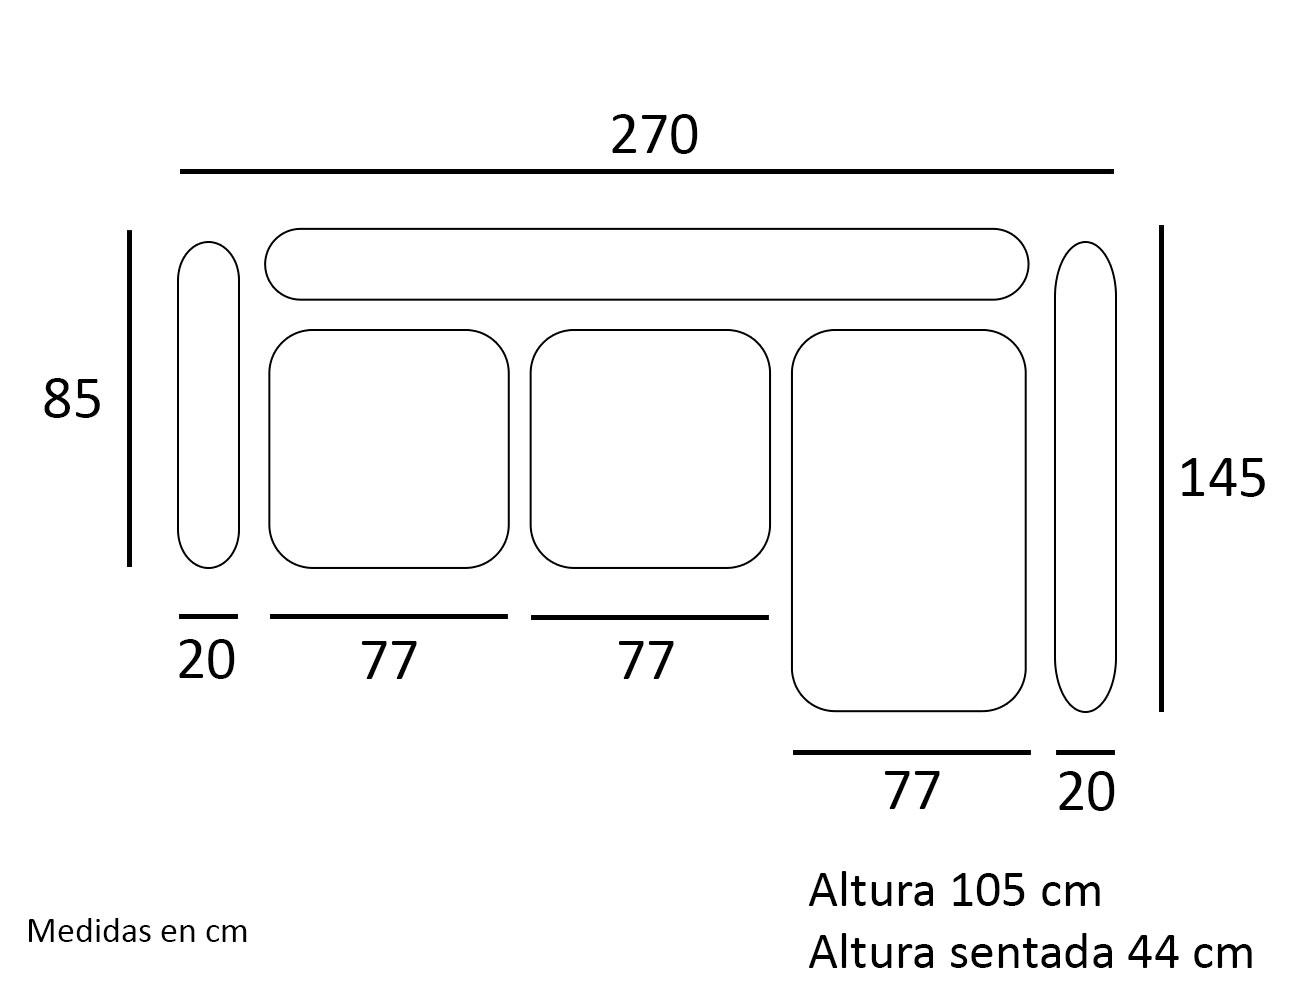 Croquis chaiselongue sofa derecho 2702